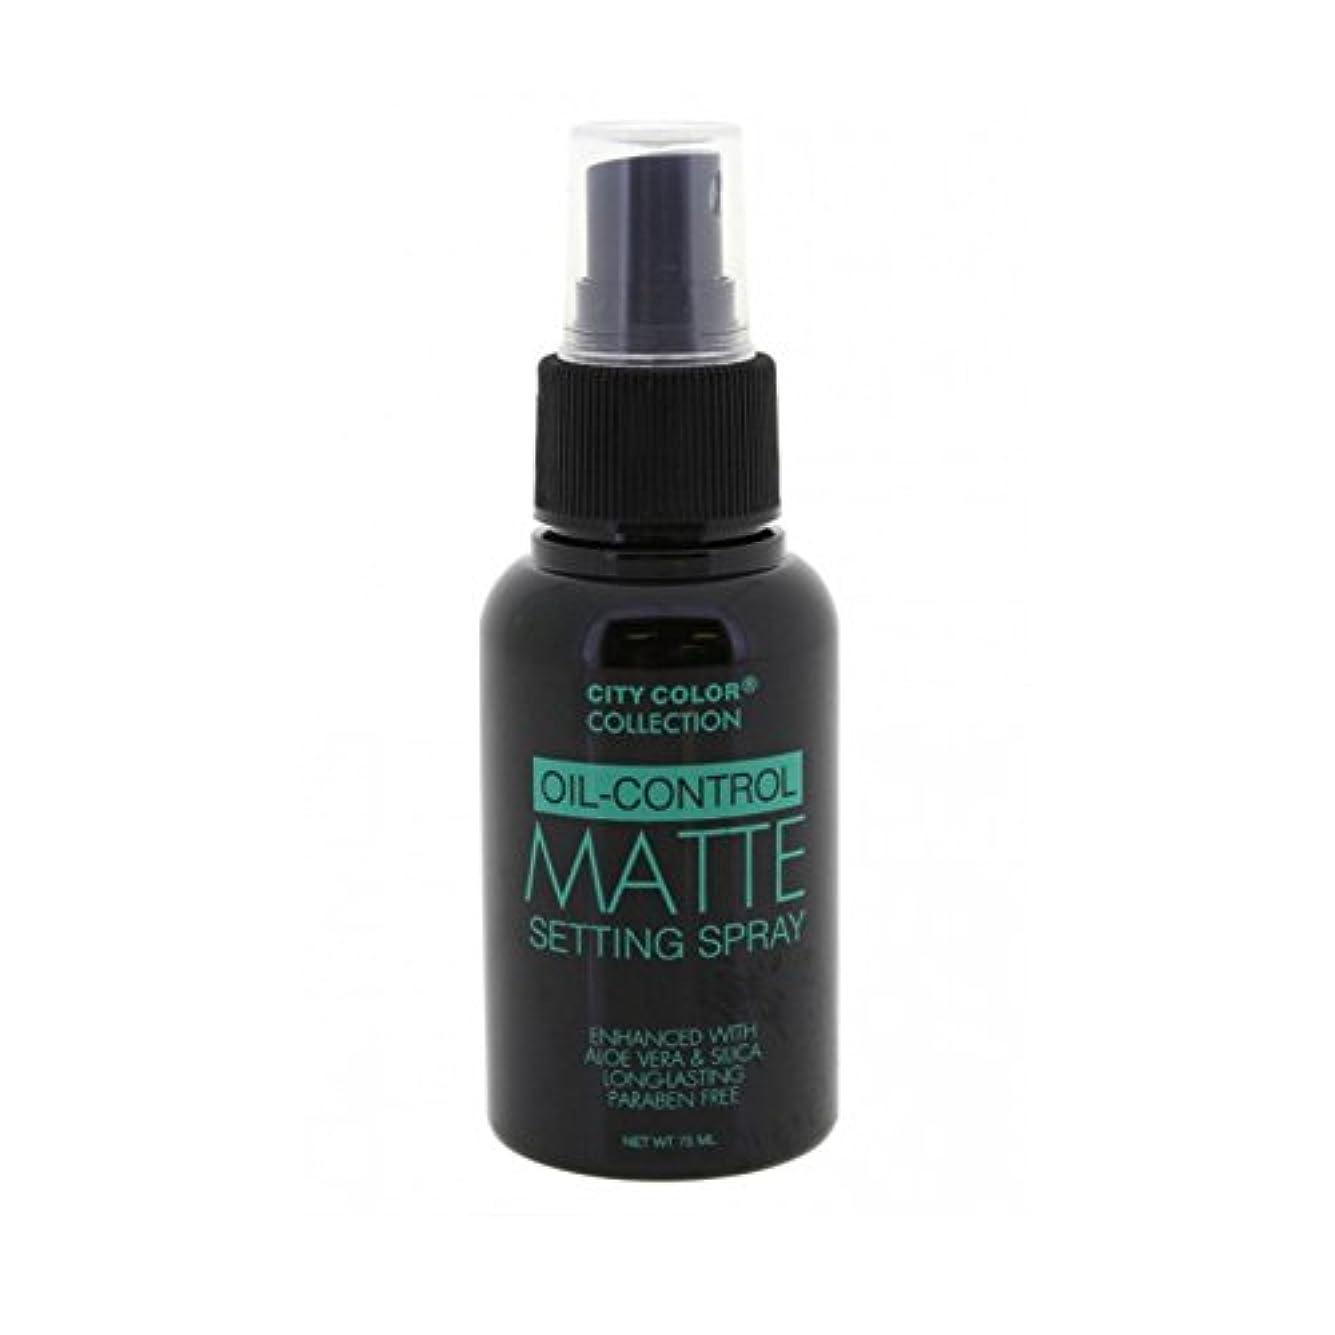 ブラストひねり環境保護主義者(3 Pack) CITY COLOR Oil-Control Matte Setting Spray (並行輸入品)